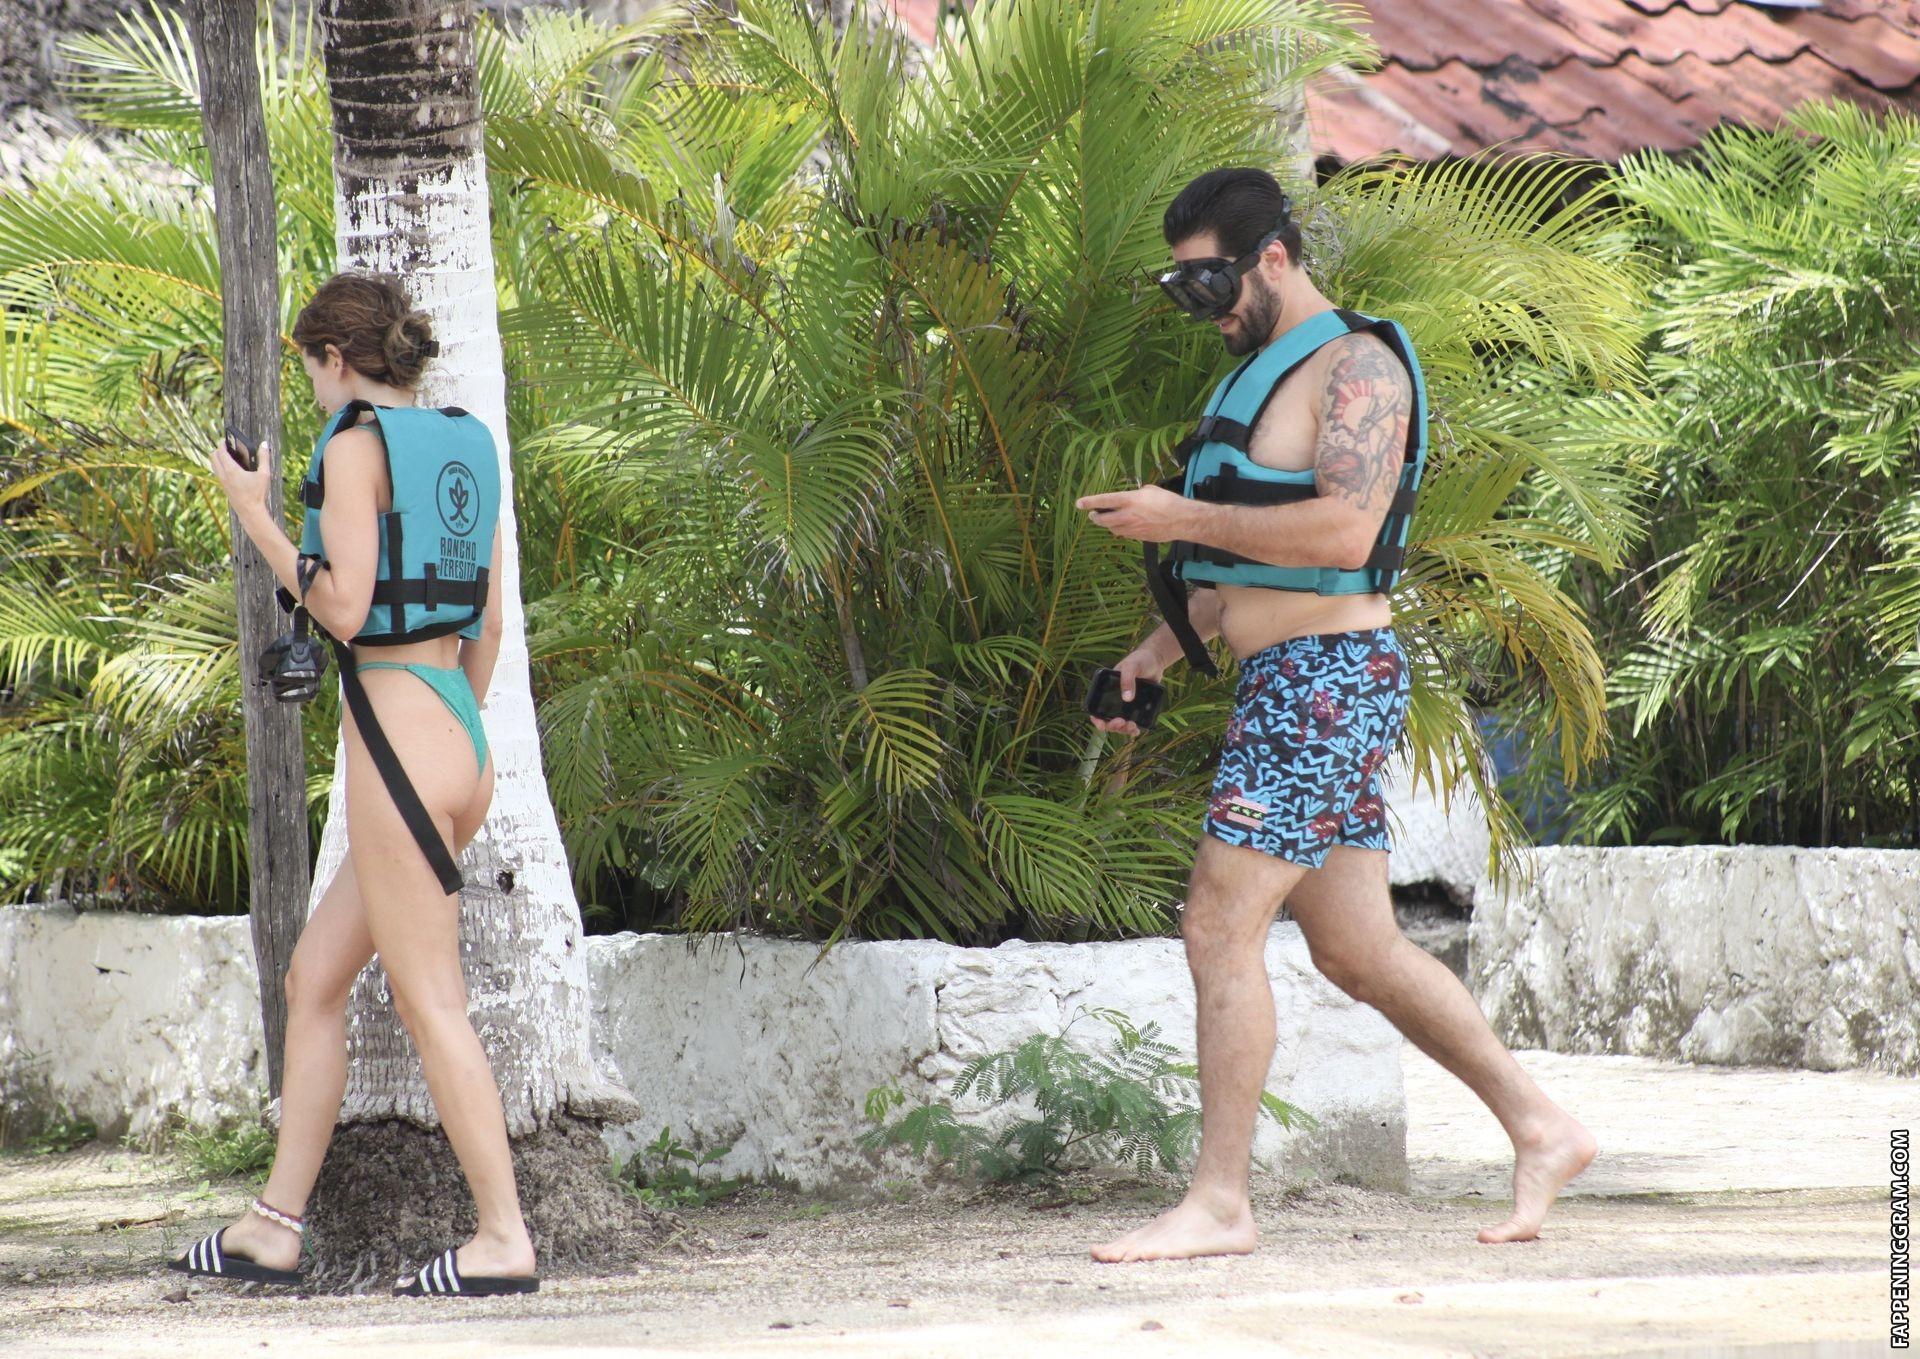 Nackt  Tschulpan Chamatowa Liste bekannter